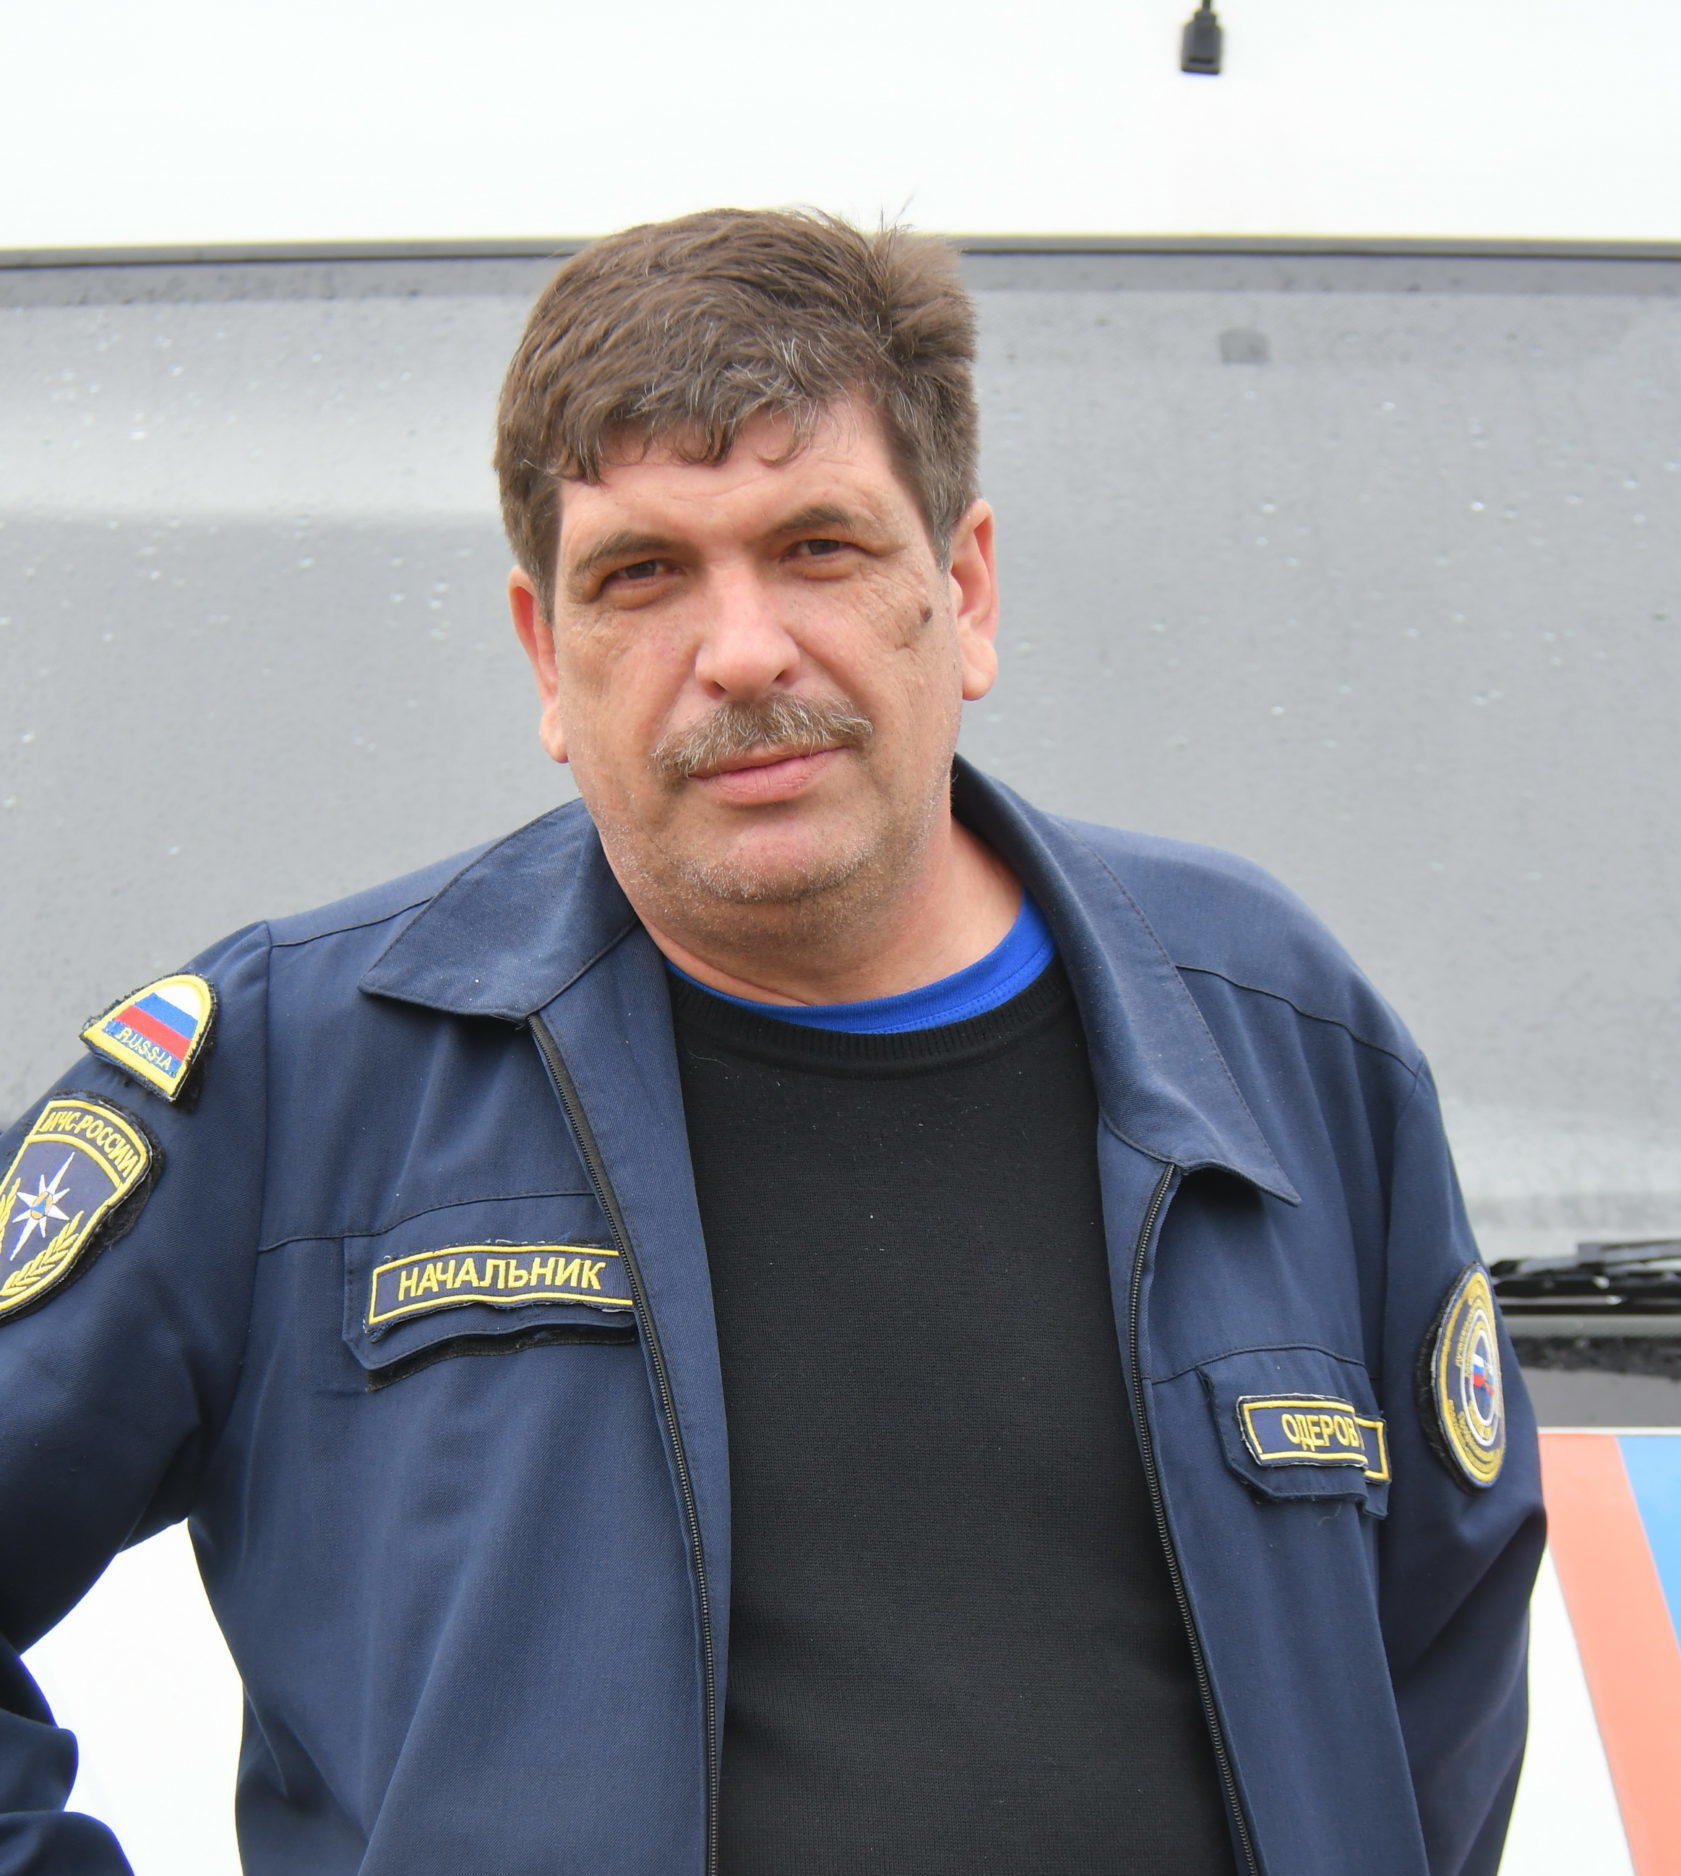 Чего боится главный спасатель Новороссийска. Честное интервью с Алексеем Одеровым